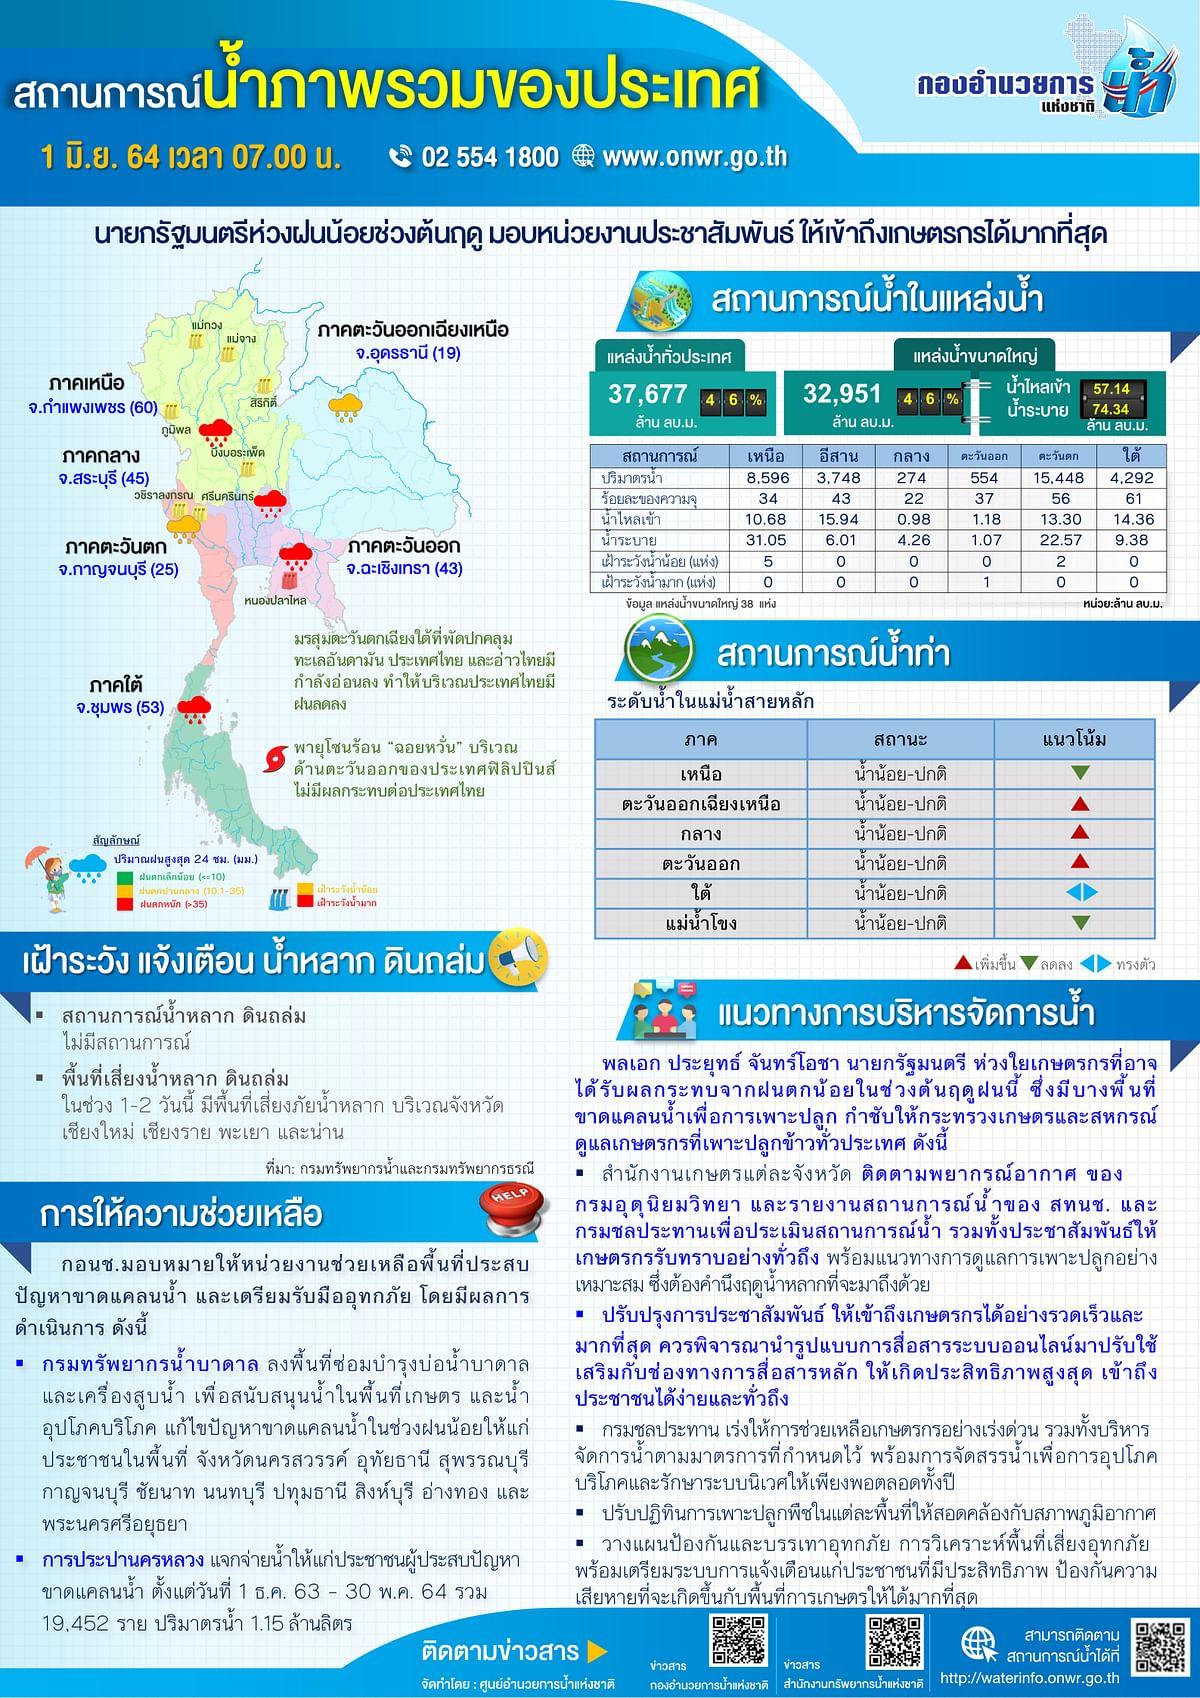 สถานการณ์น้ำภาพรวมของประเทศ 1 มิถุนายน 2564